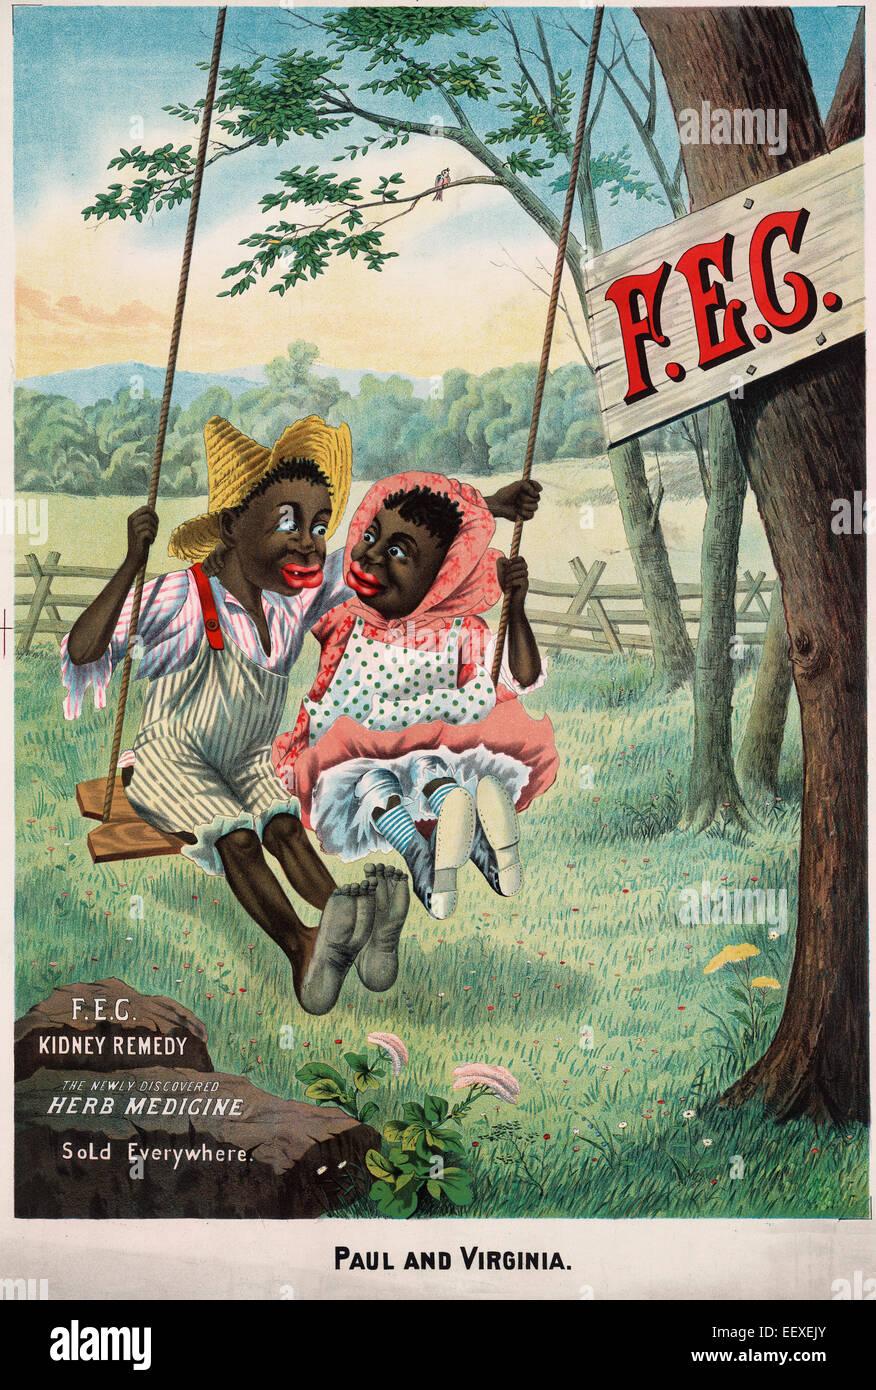 Rene F.E.G. Remedy. Le scoperte di recente la medicina di erbe. Venduti ovunque. Sommario: medicina brevetto poster Foto Stock